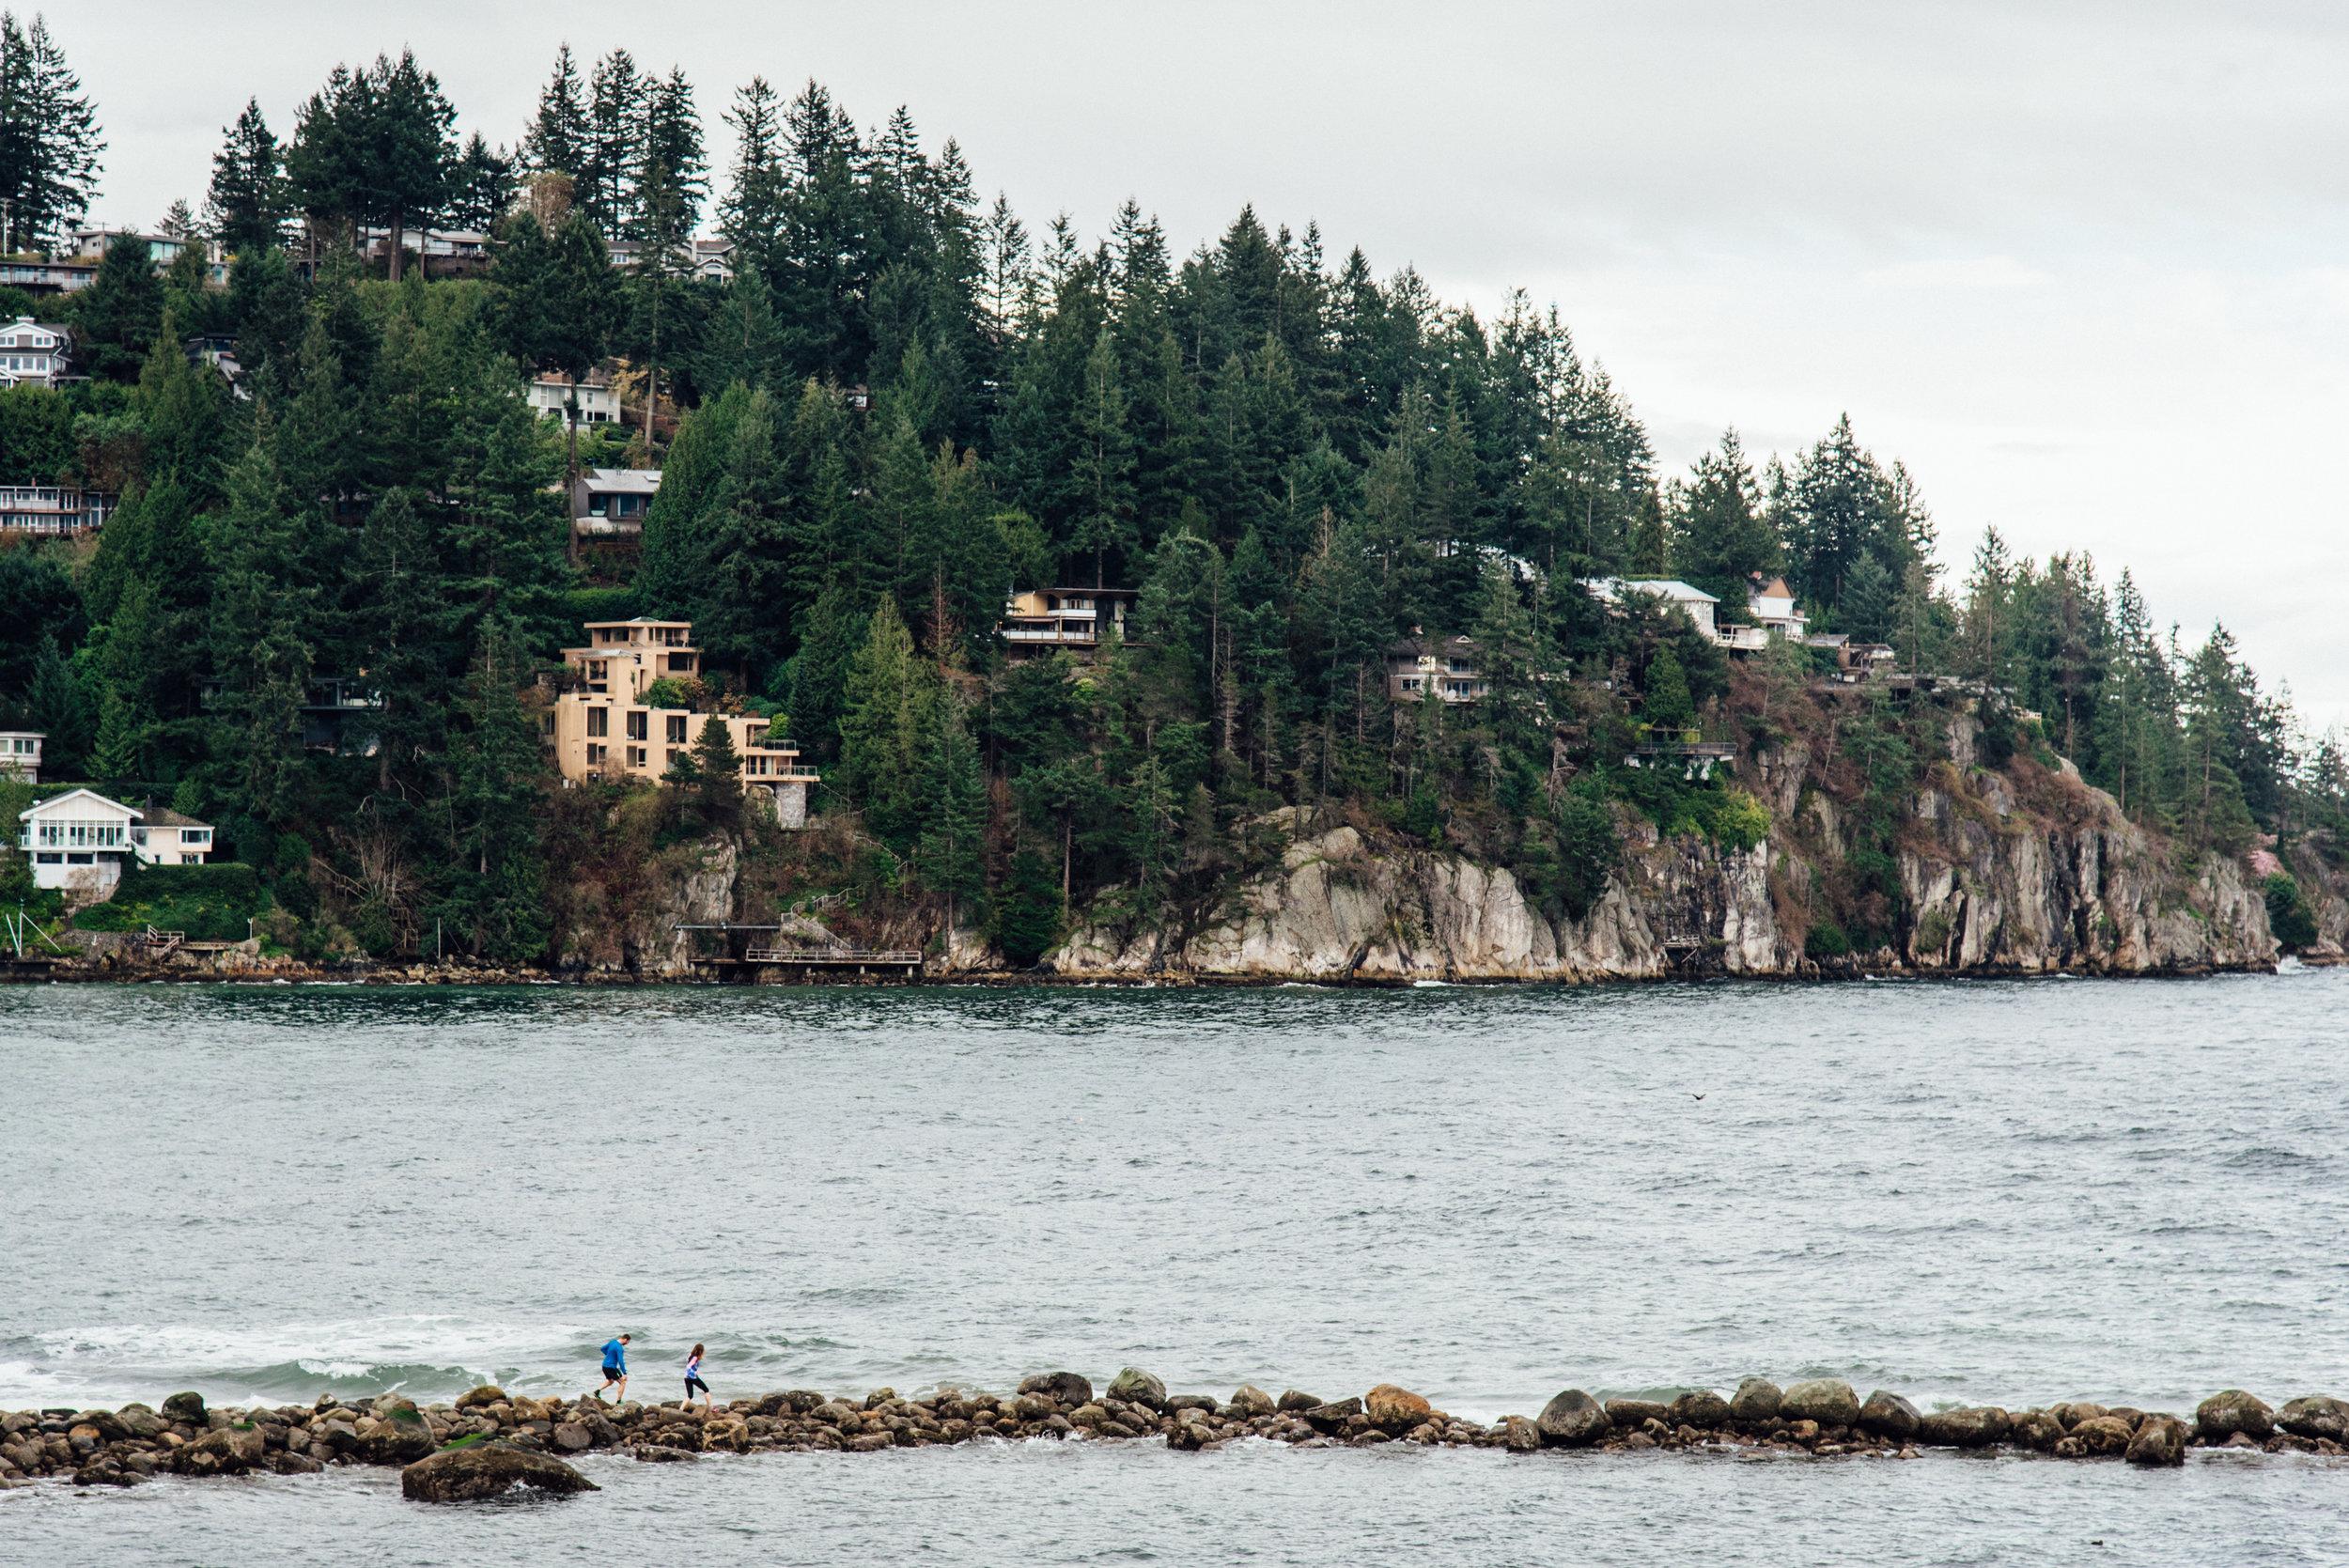 Saucony-Seekers-Vancouver-ChrisBrinleeJr-MAR16-36.jpg